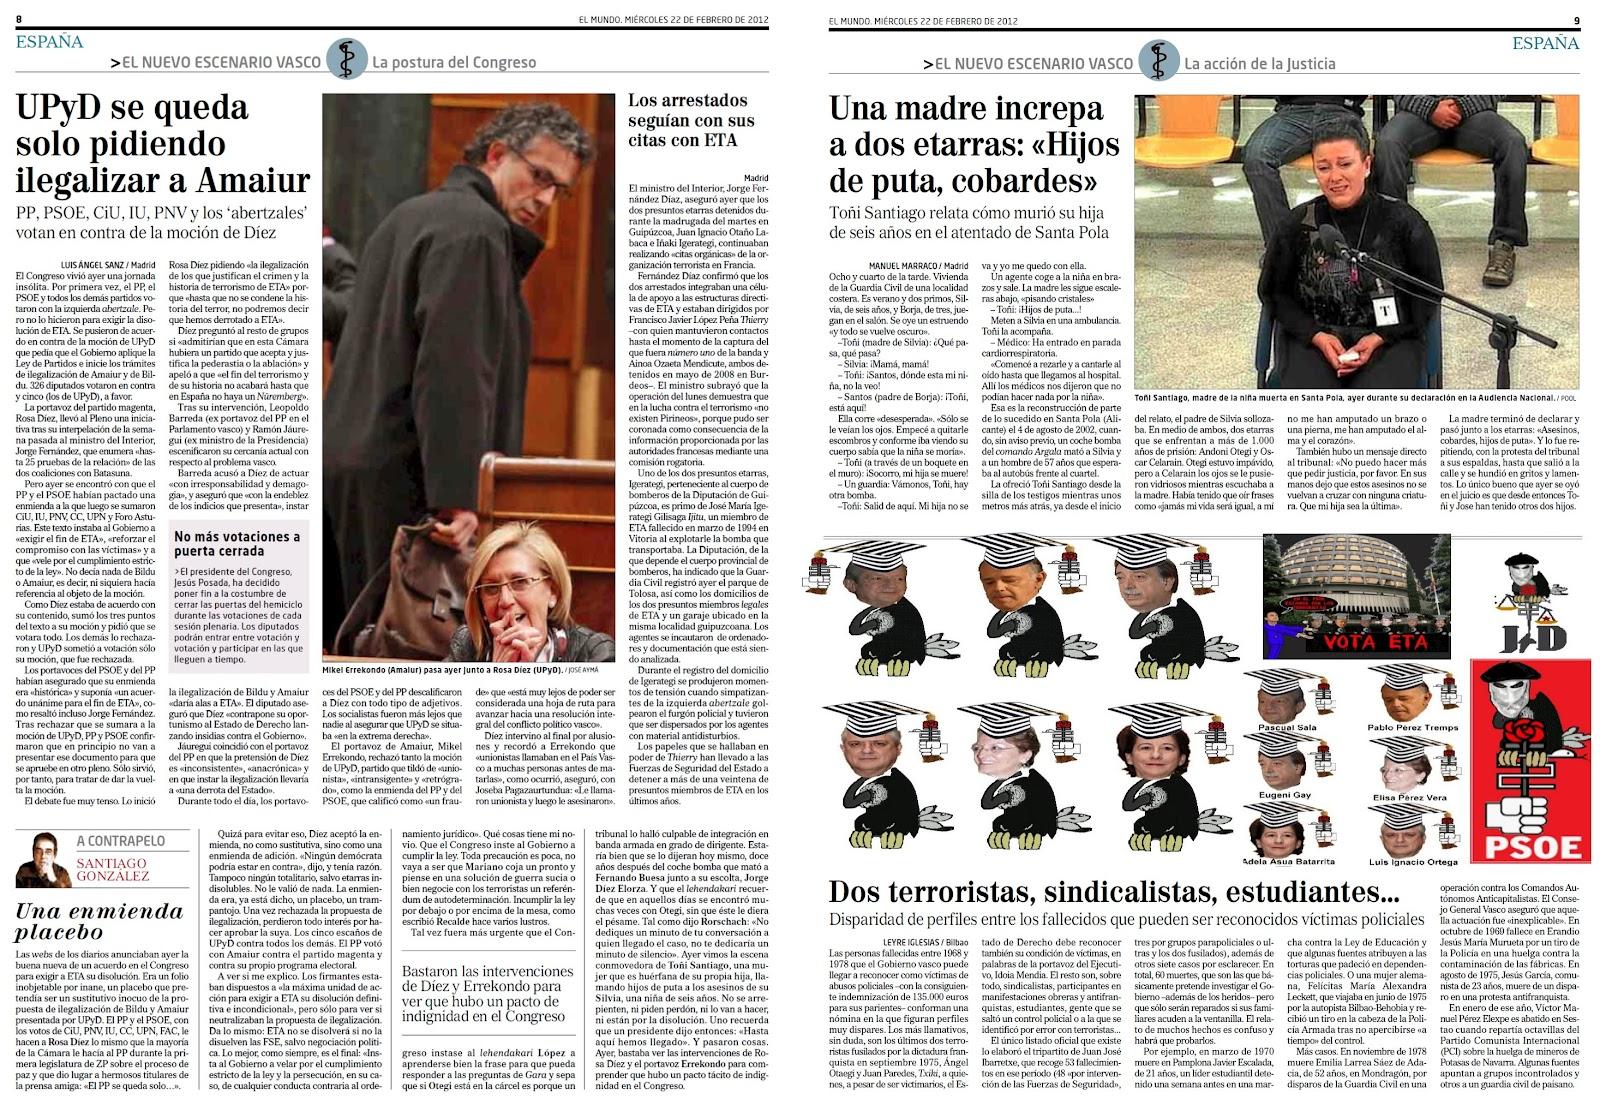 ¿Qué pasa con las denuncias de corrupción y financiación del partido contra Pepiño Blanco de los propios militantes y altos cargos del PSOE de Ibiza?